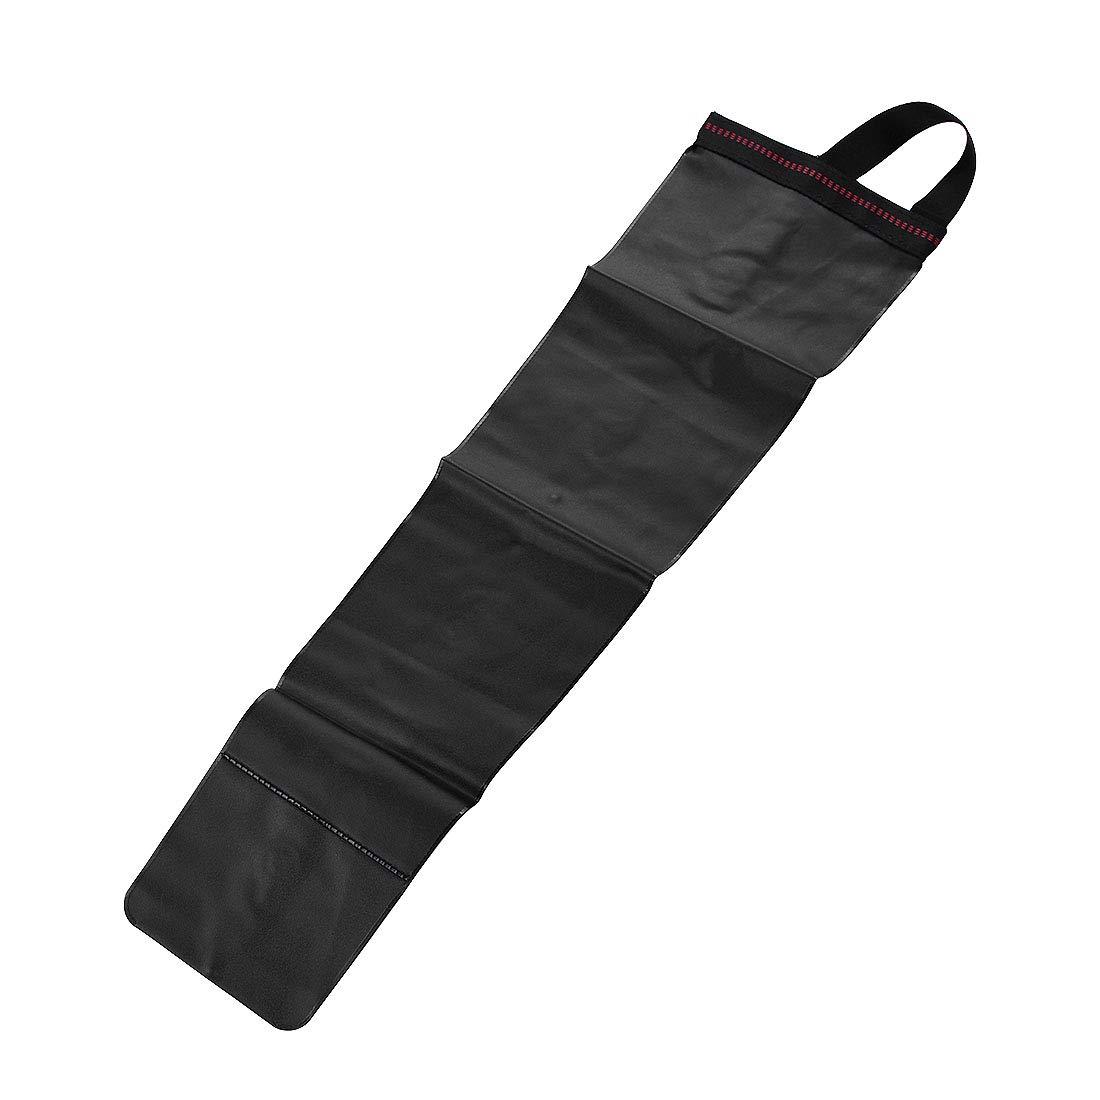 FREAHAP R Umbrella Holder Waterproof Car Umbrella Sheath Car Back Seat Umbrella Storage Bag